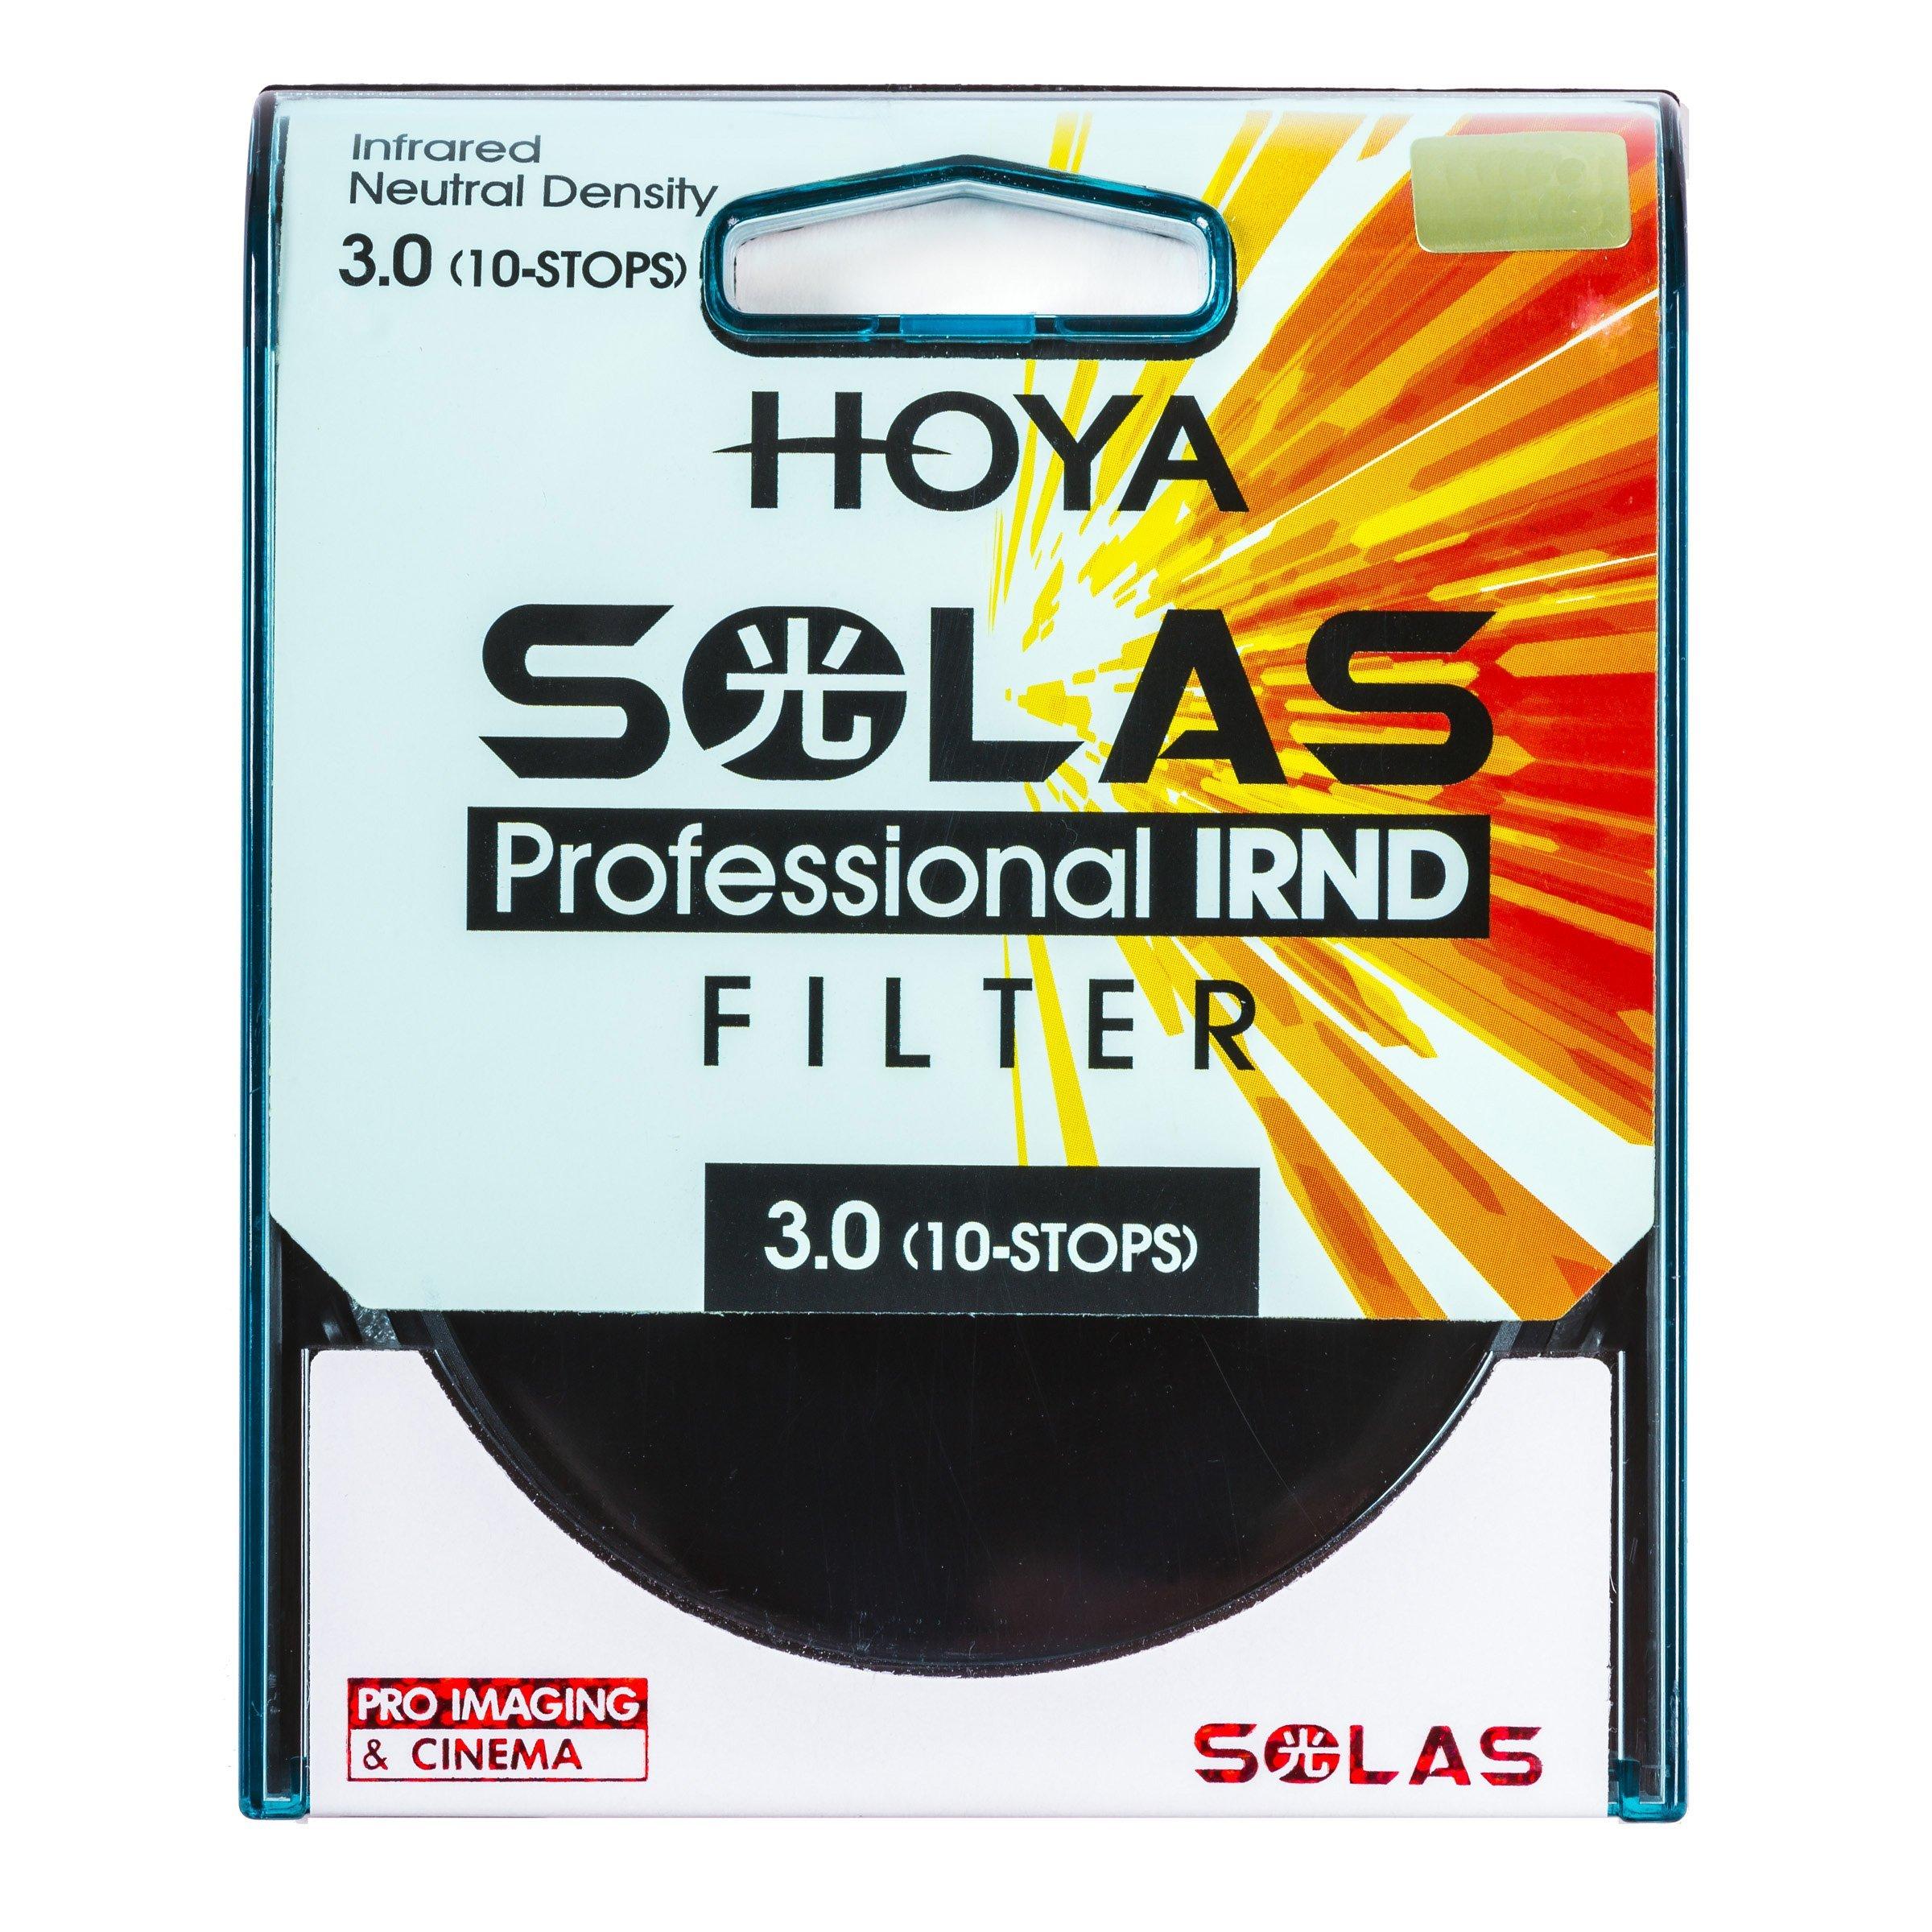 Hoya 82mm Solas IRND 3.0 (10-Stops) Infrared Neutral Density Filter